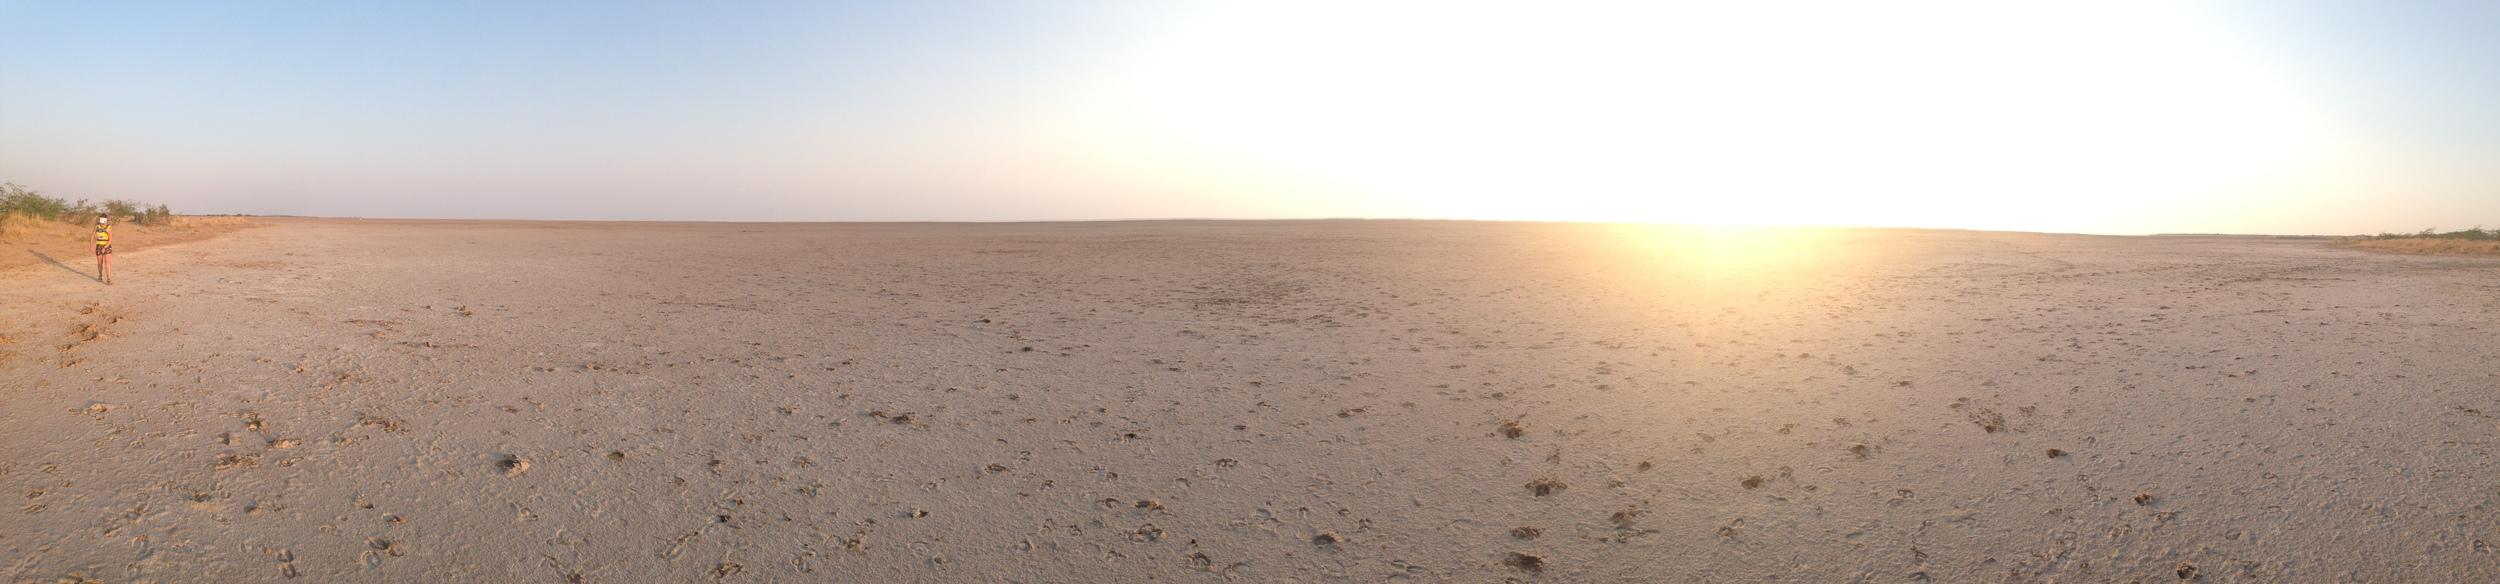 Sunset on the never ending horizon